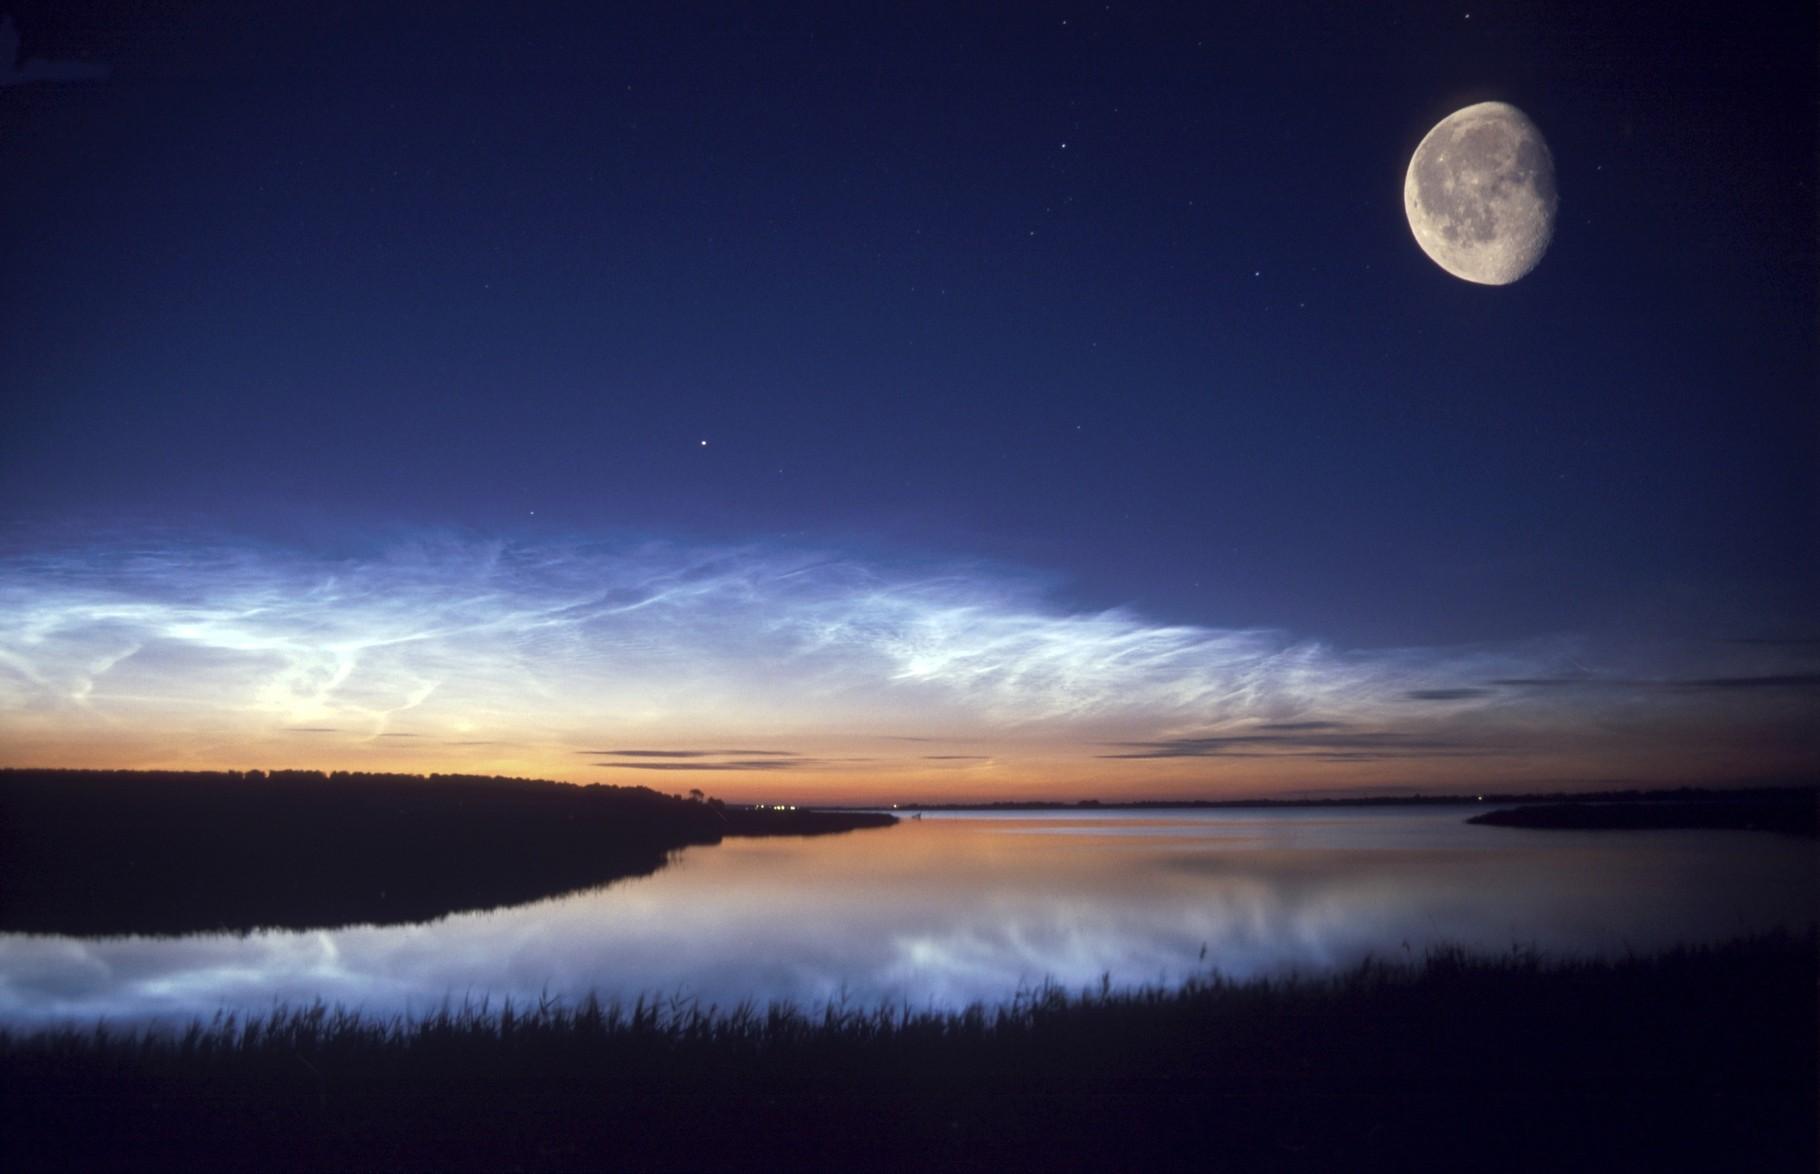 Nachttörns im engen Fahrwasser